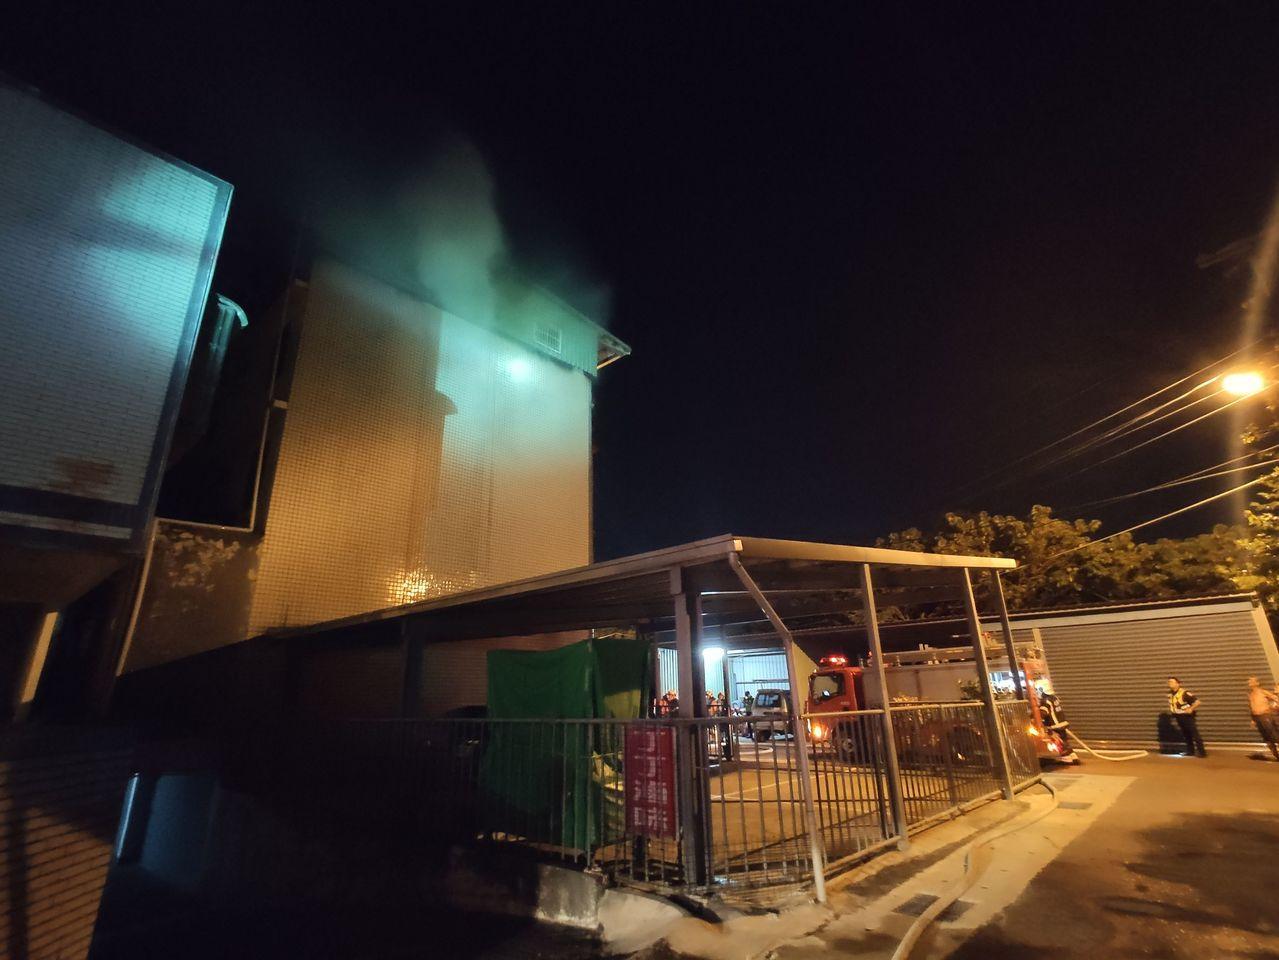 民宅晚間穿出火勢,消防在4樓救出1男1女,均喉嚨痛送醫。圖/讀者提供